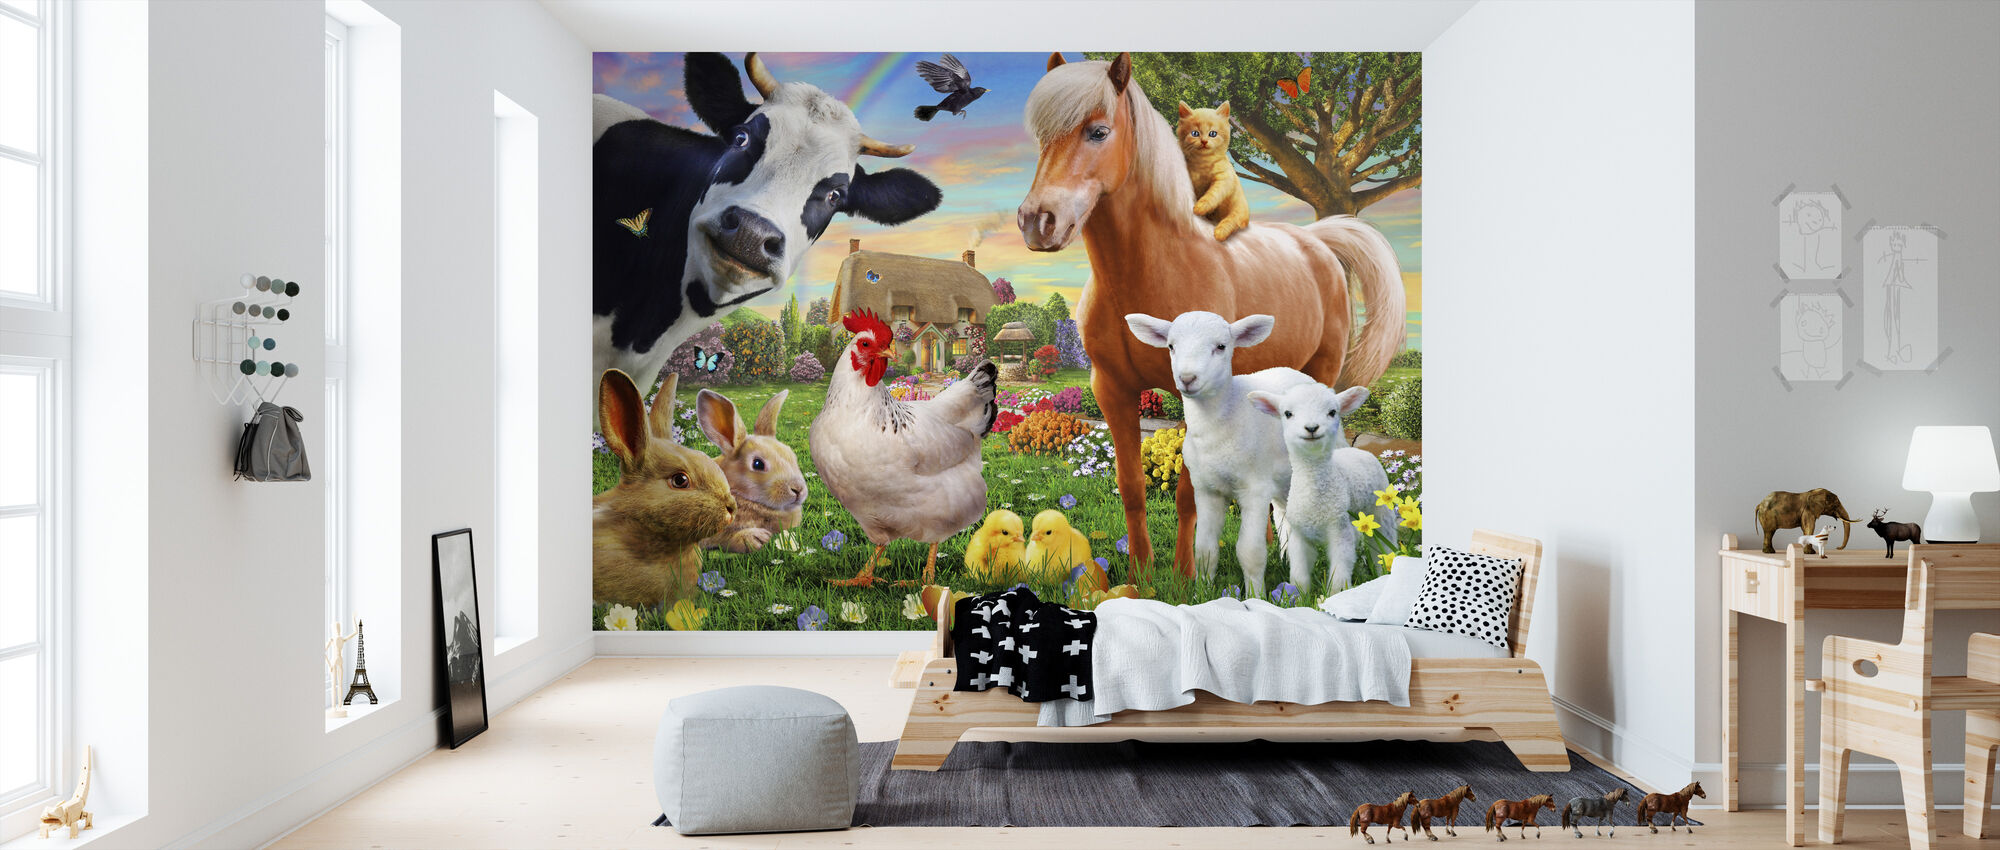 Boerderij Dieren voor kinderen - Behang - Kinderkamer